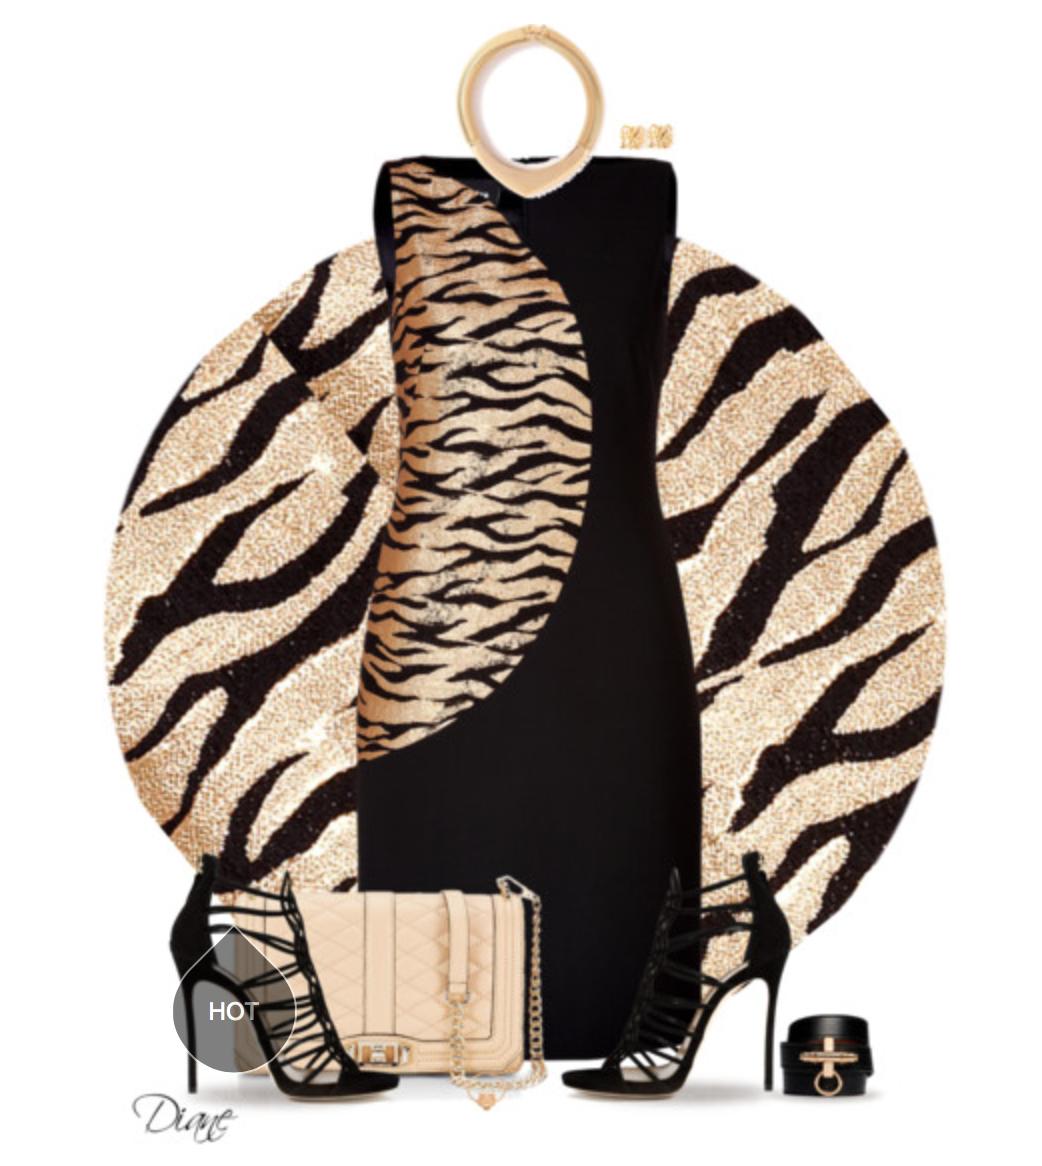 Akris Asymmetrisch Einsatz Sheath Kleid Größe 38 38 38 = Passt S - Neu mit Etiketten 552007